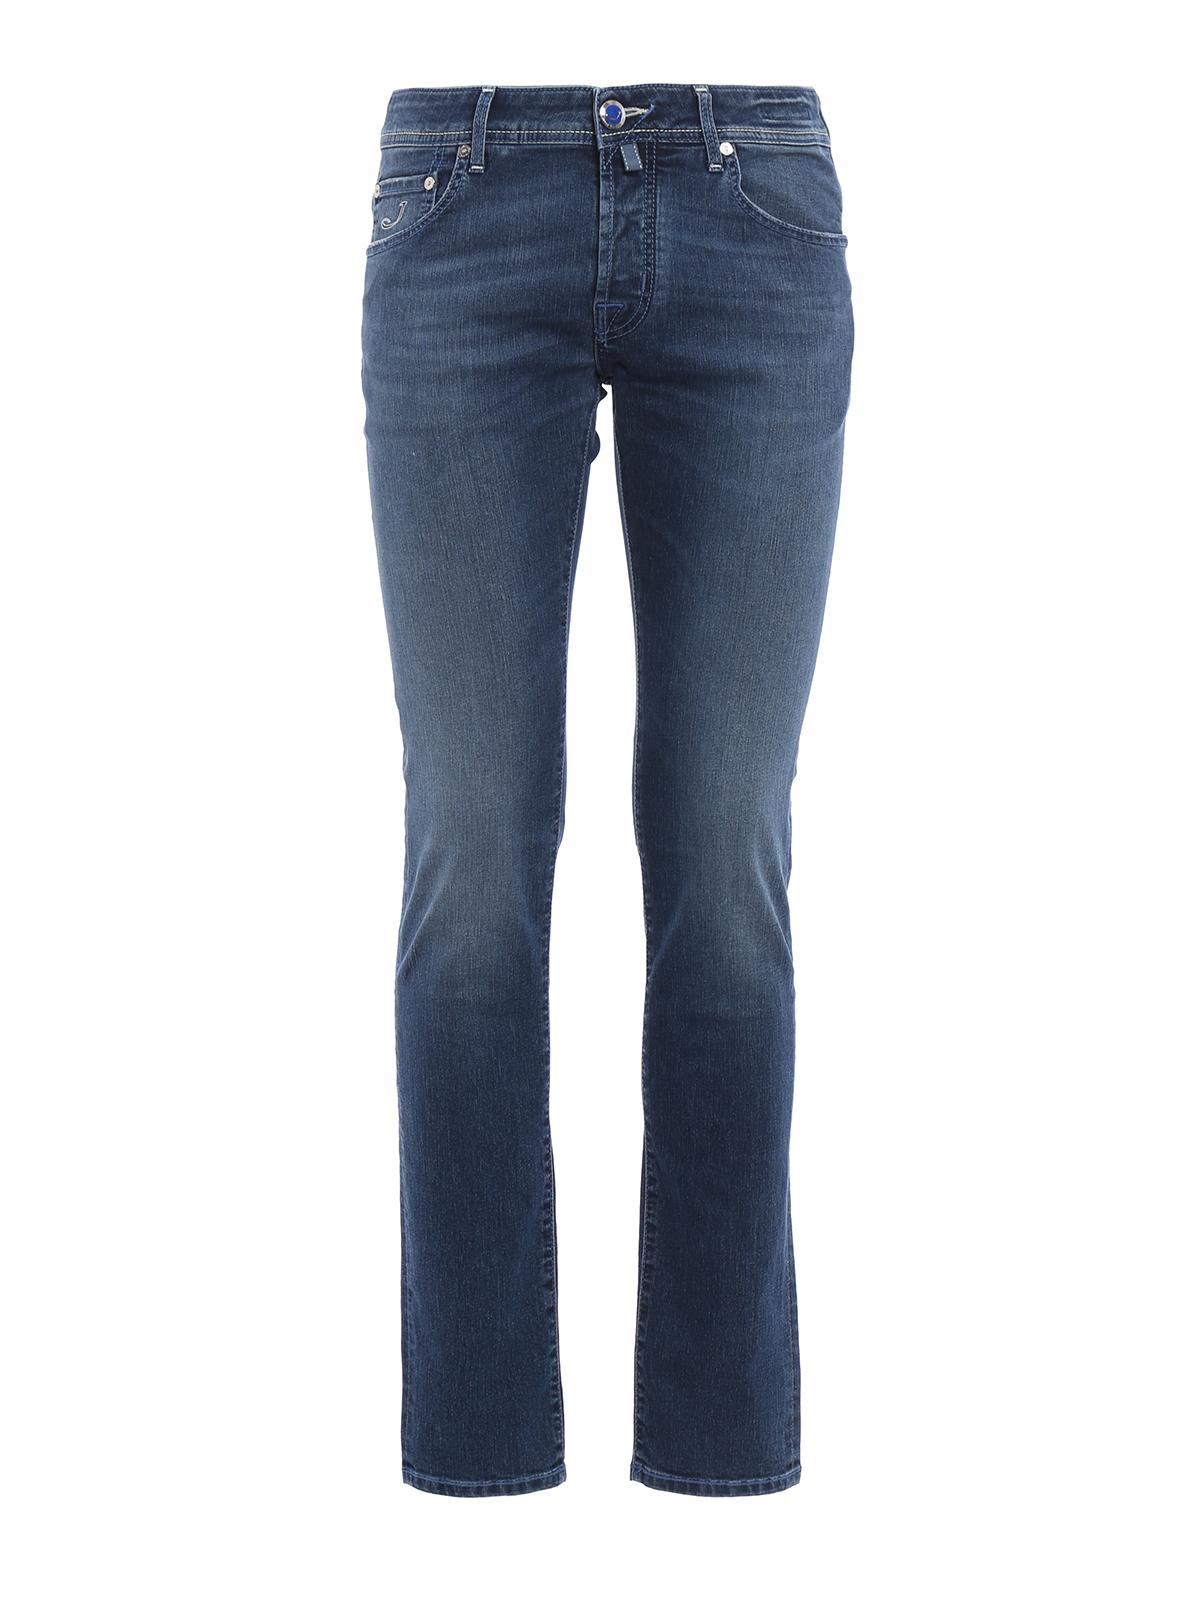 J622 dandelion print denim jeans by jacob cohen straight - Jacob cohen denim ...